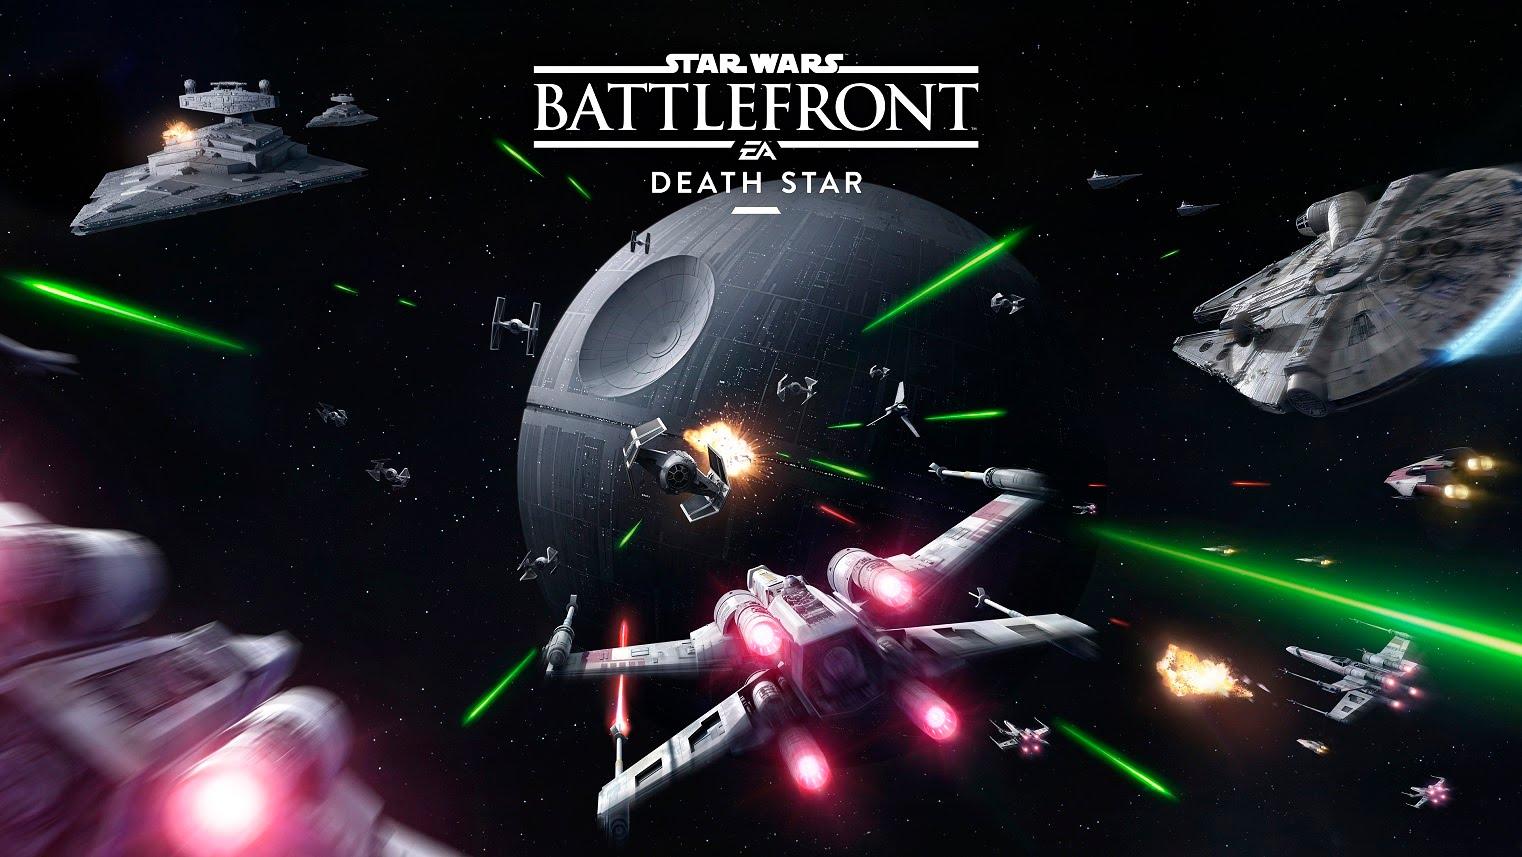 Star Wars Battlefront Death Star Dlc Review Godisageek Com